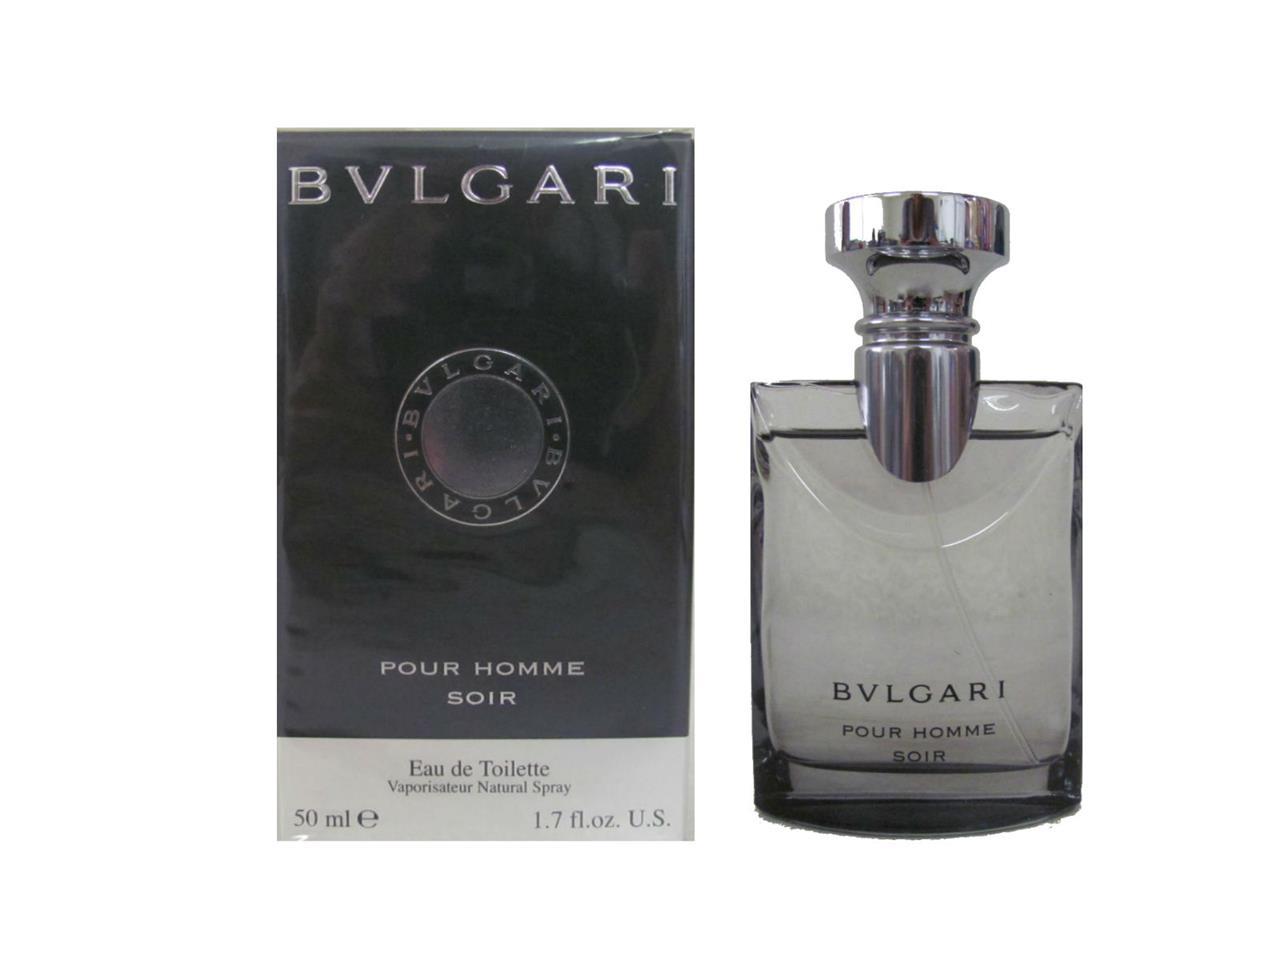 bvlgari pour homme soir 1 7 oz eau de toilette spray for. Black Bedroom Furniture Sets. Home Design Ideas